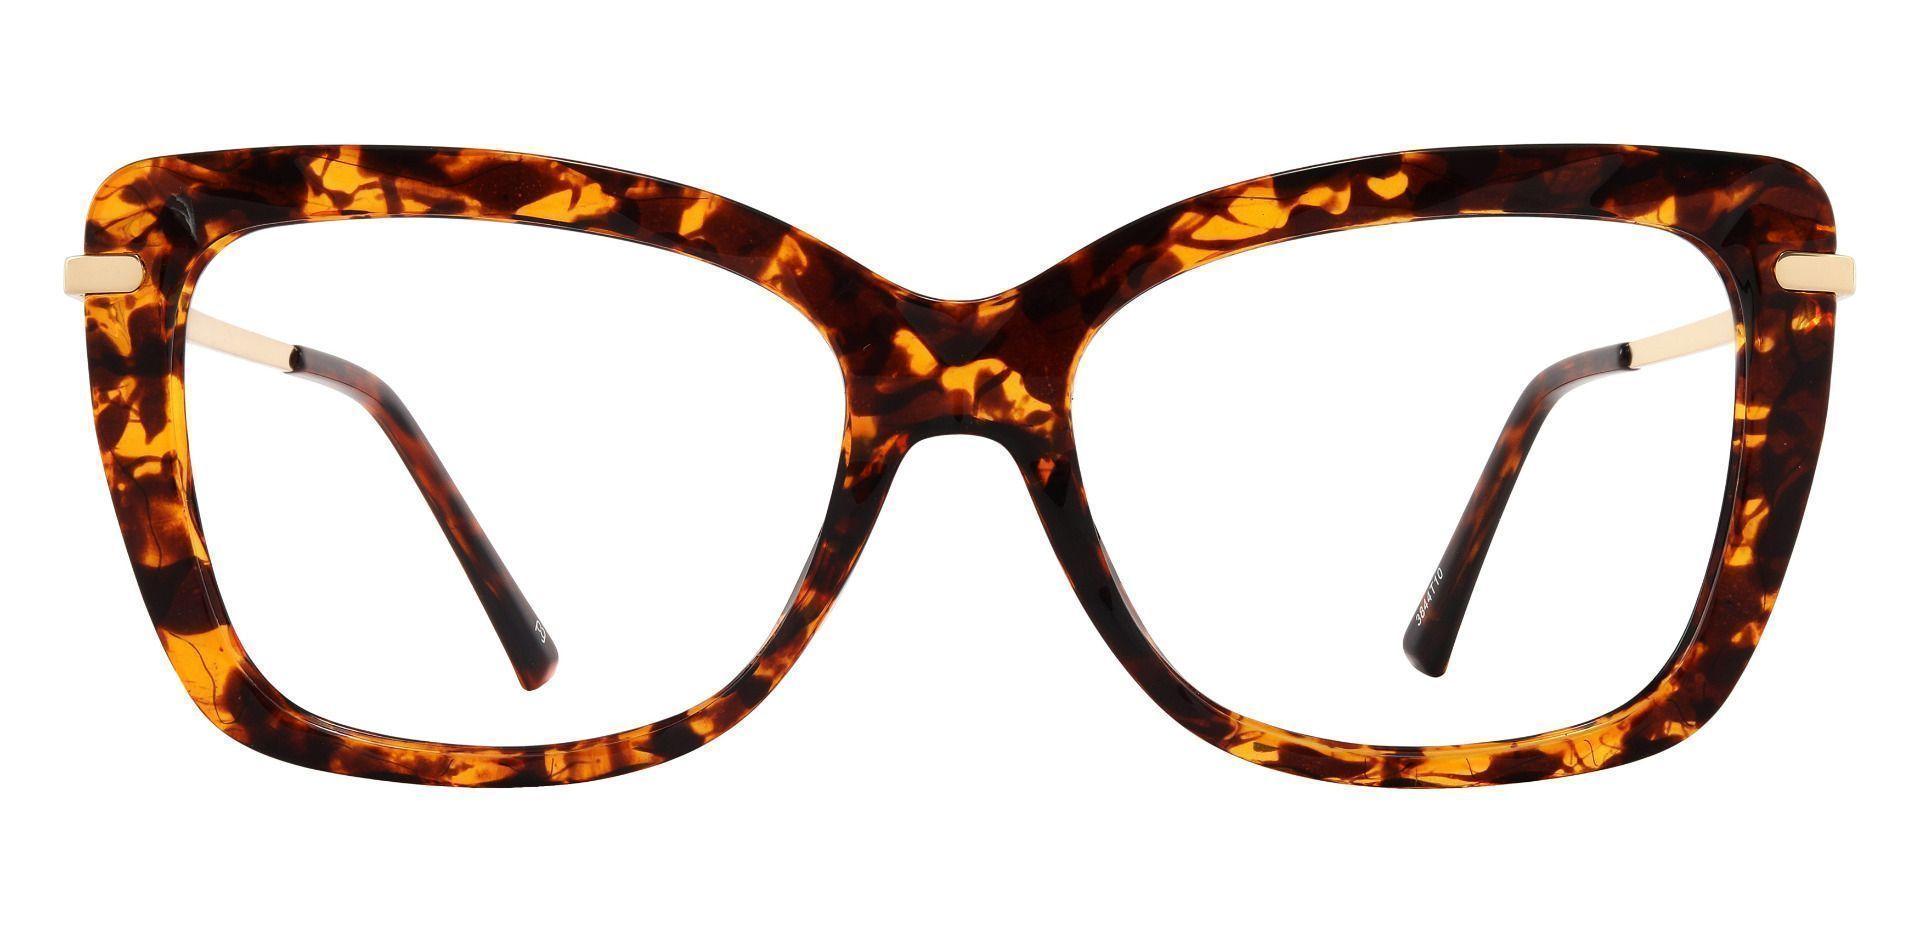 Shoshanna Rectangle Prescription Glasses - Tortoise